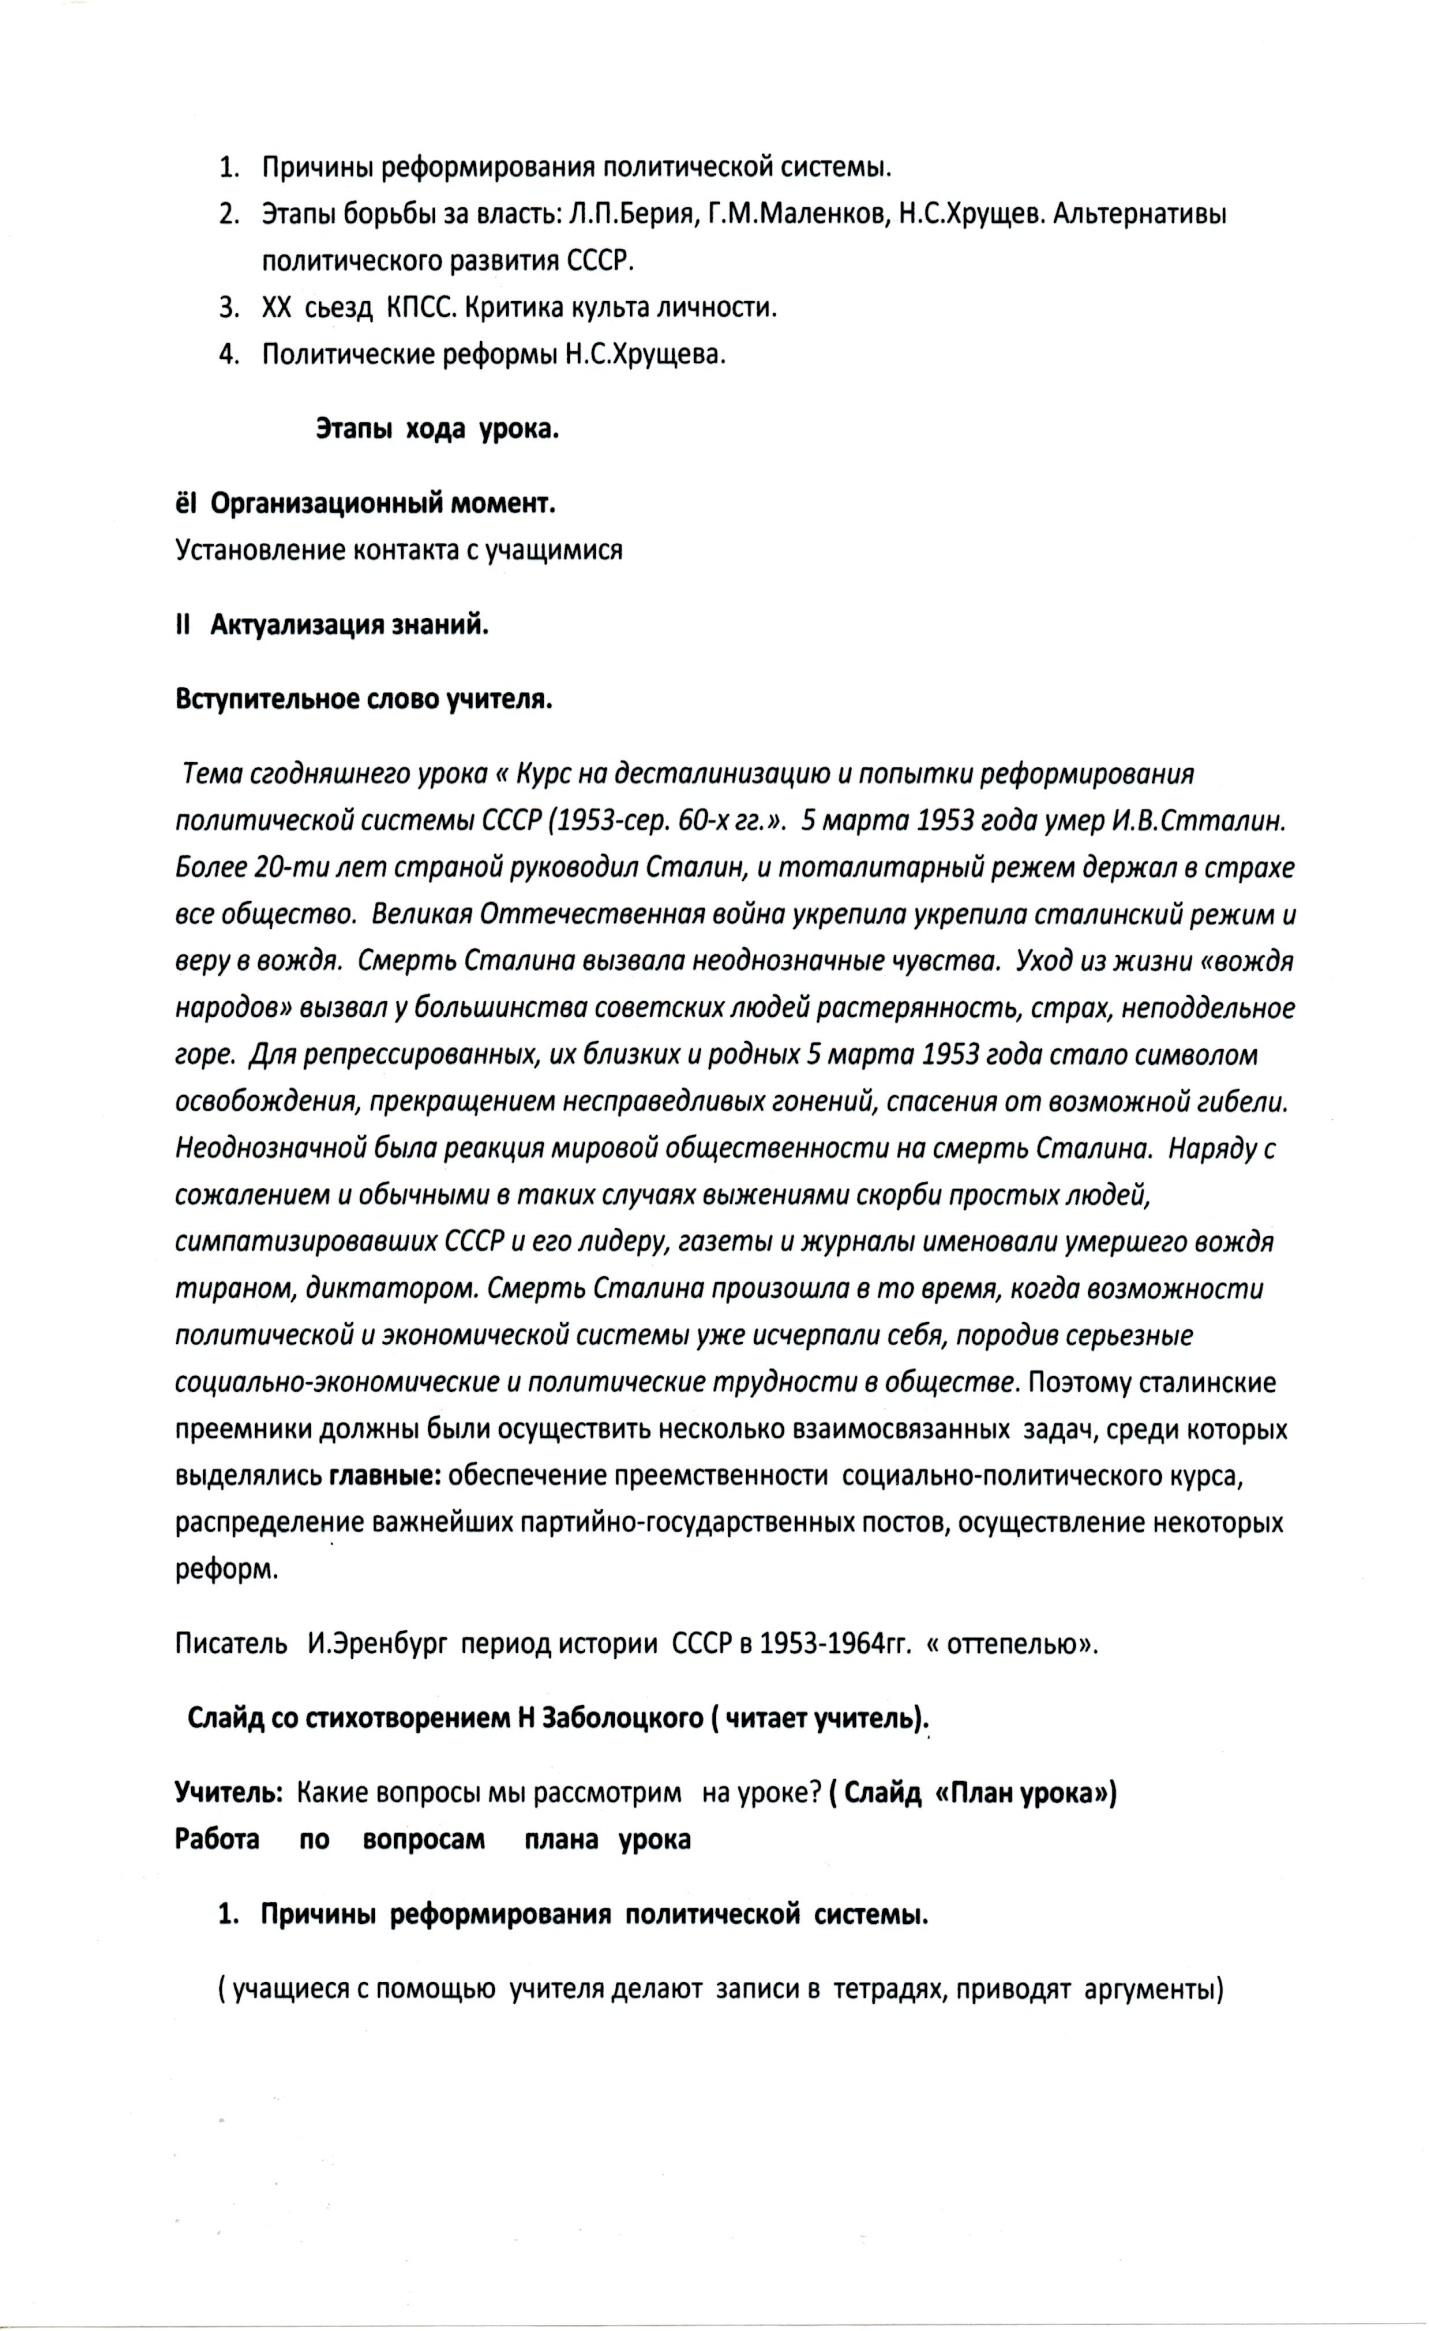 C:\Documents and Settings\User\Мои документы\Мои рисунки\img006.jpg